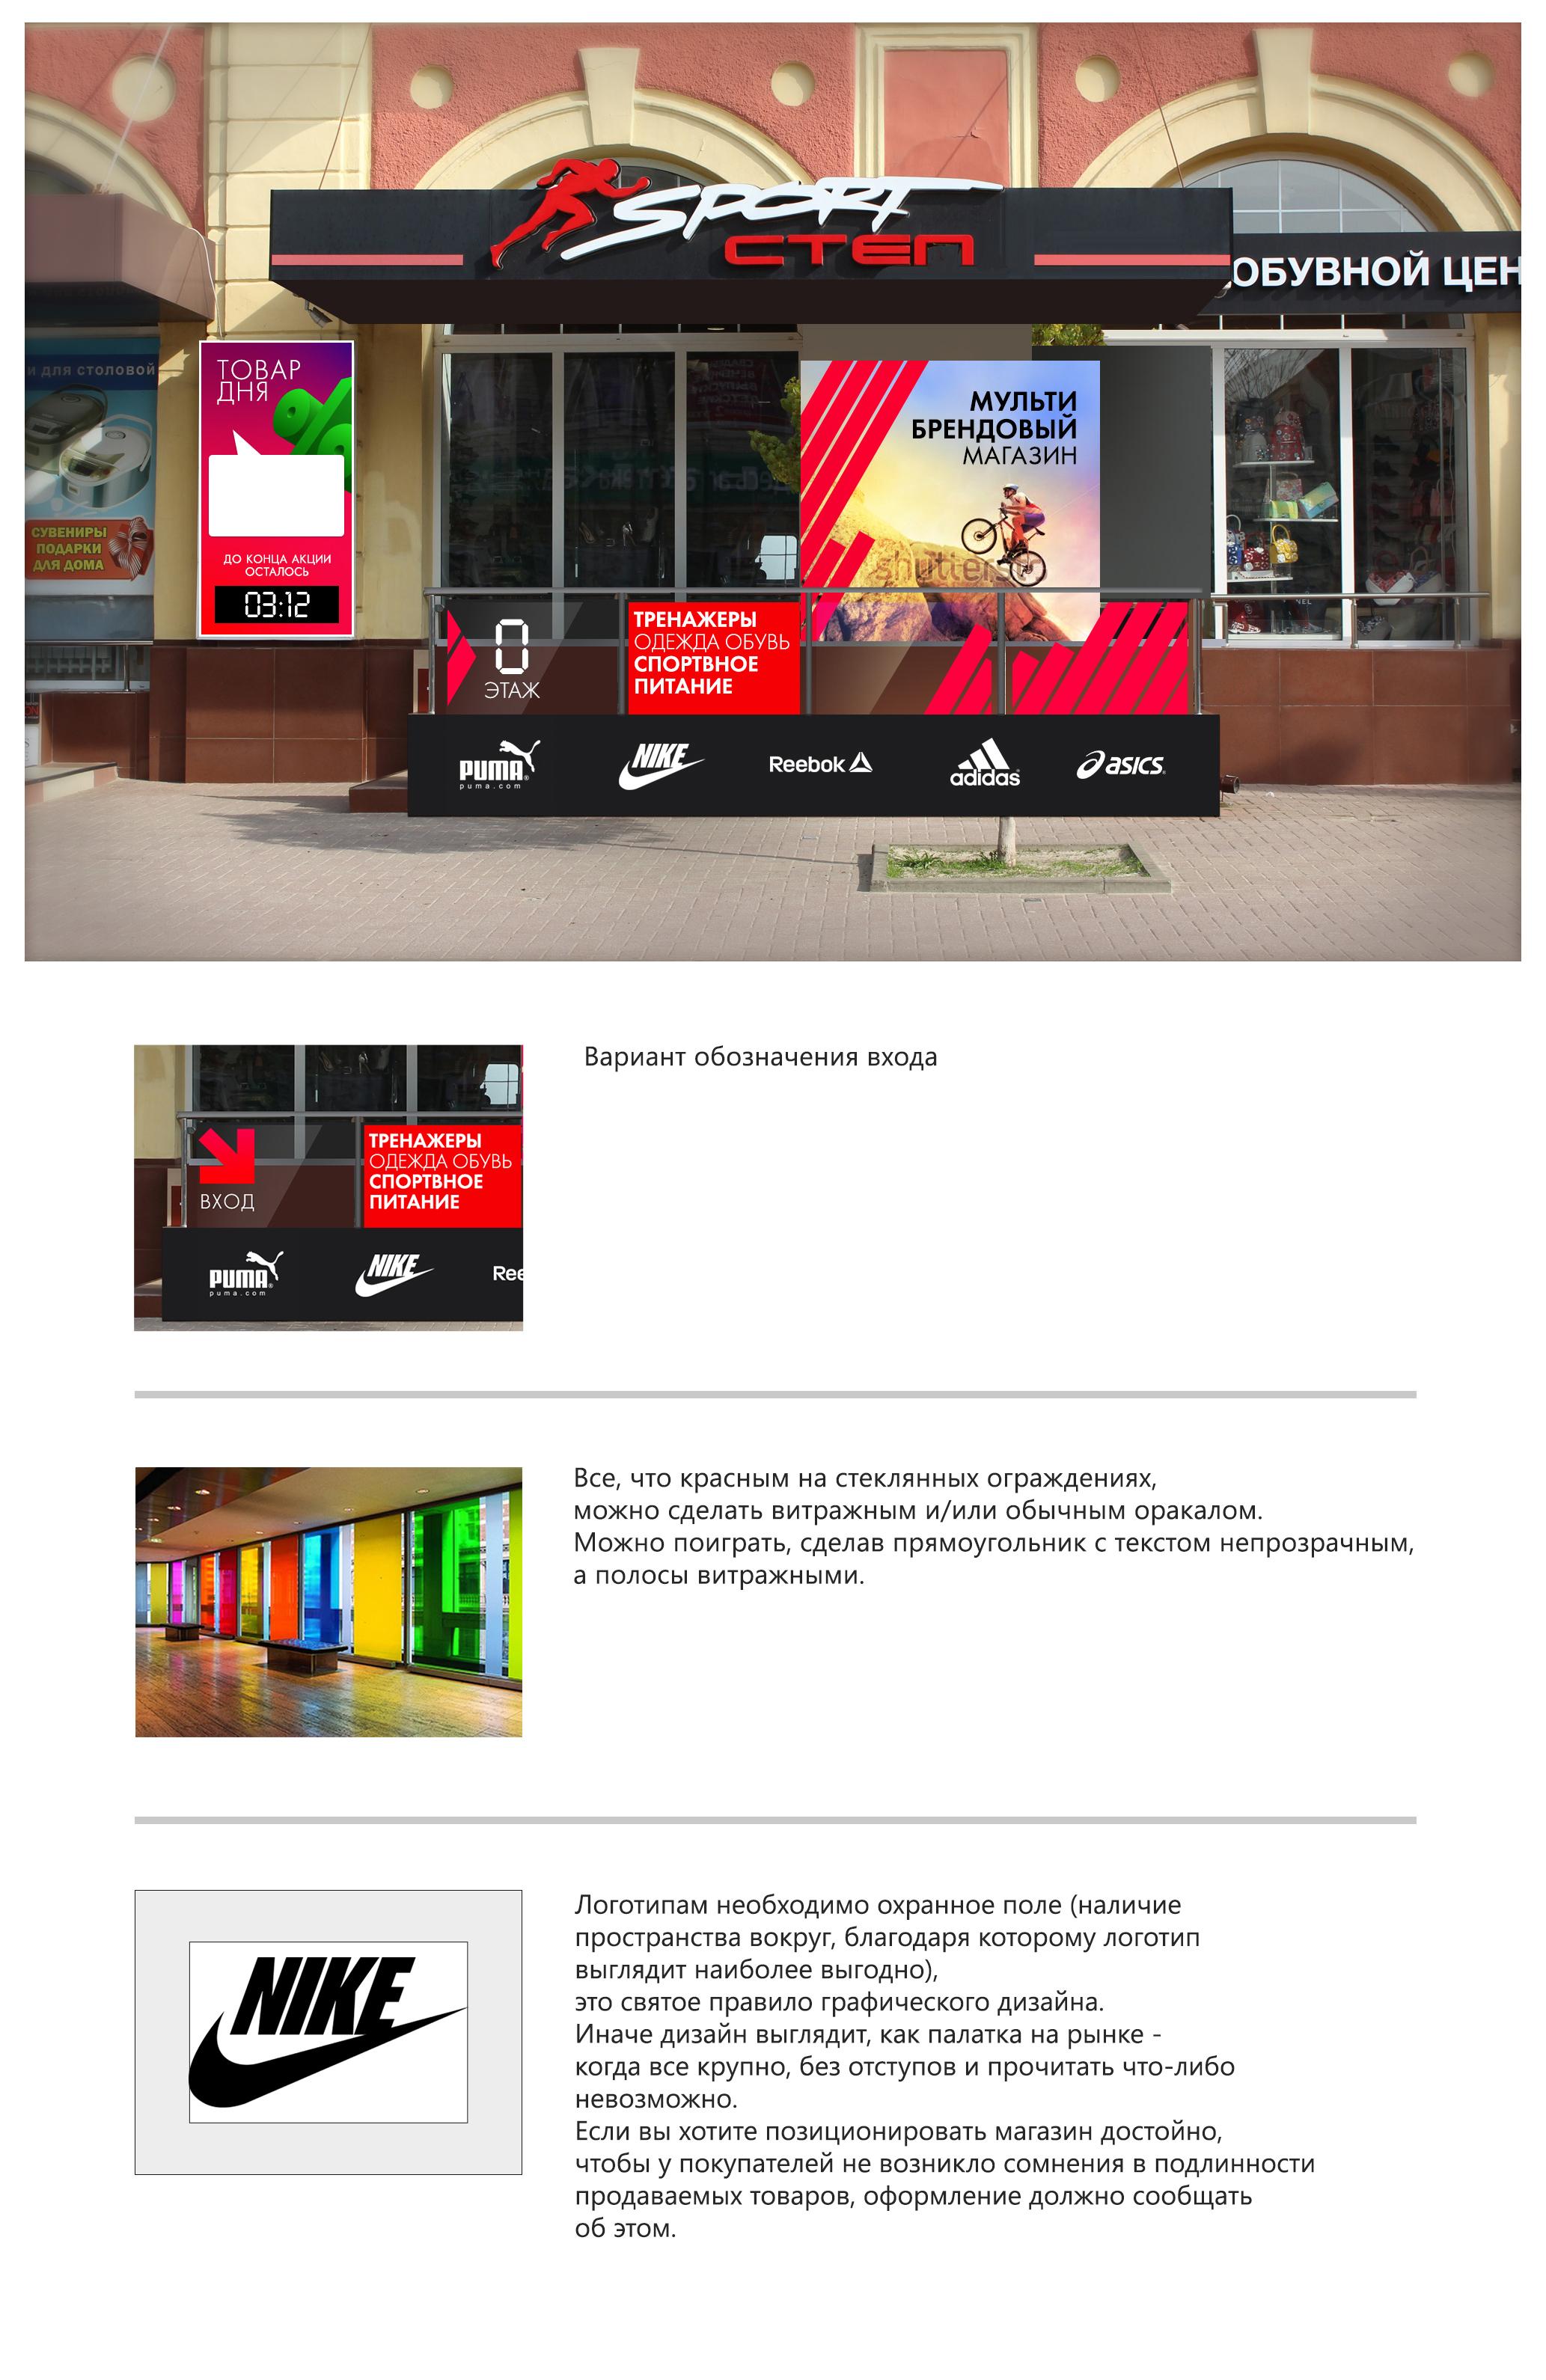 """Оформление фасада магазина спорт-товаров """"Спорт-Степ"""" фото f_72959072871e20e4.jpg"""